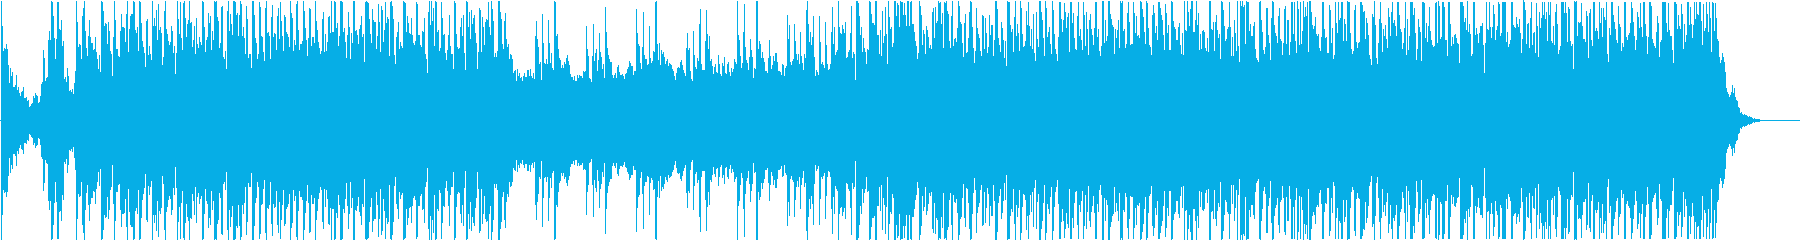 戦闘シーン向けのBGMの再生済みの波形